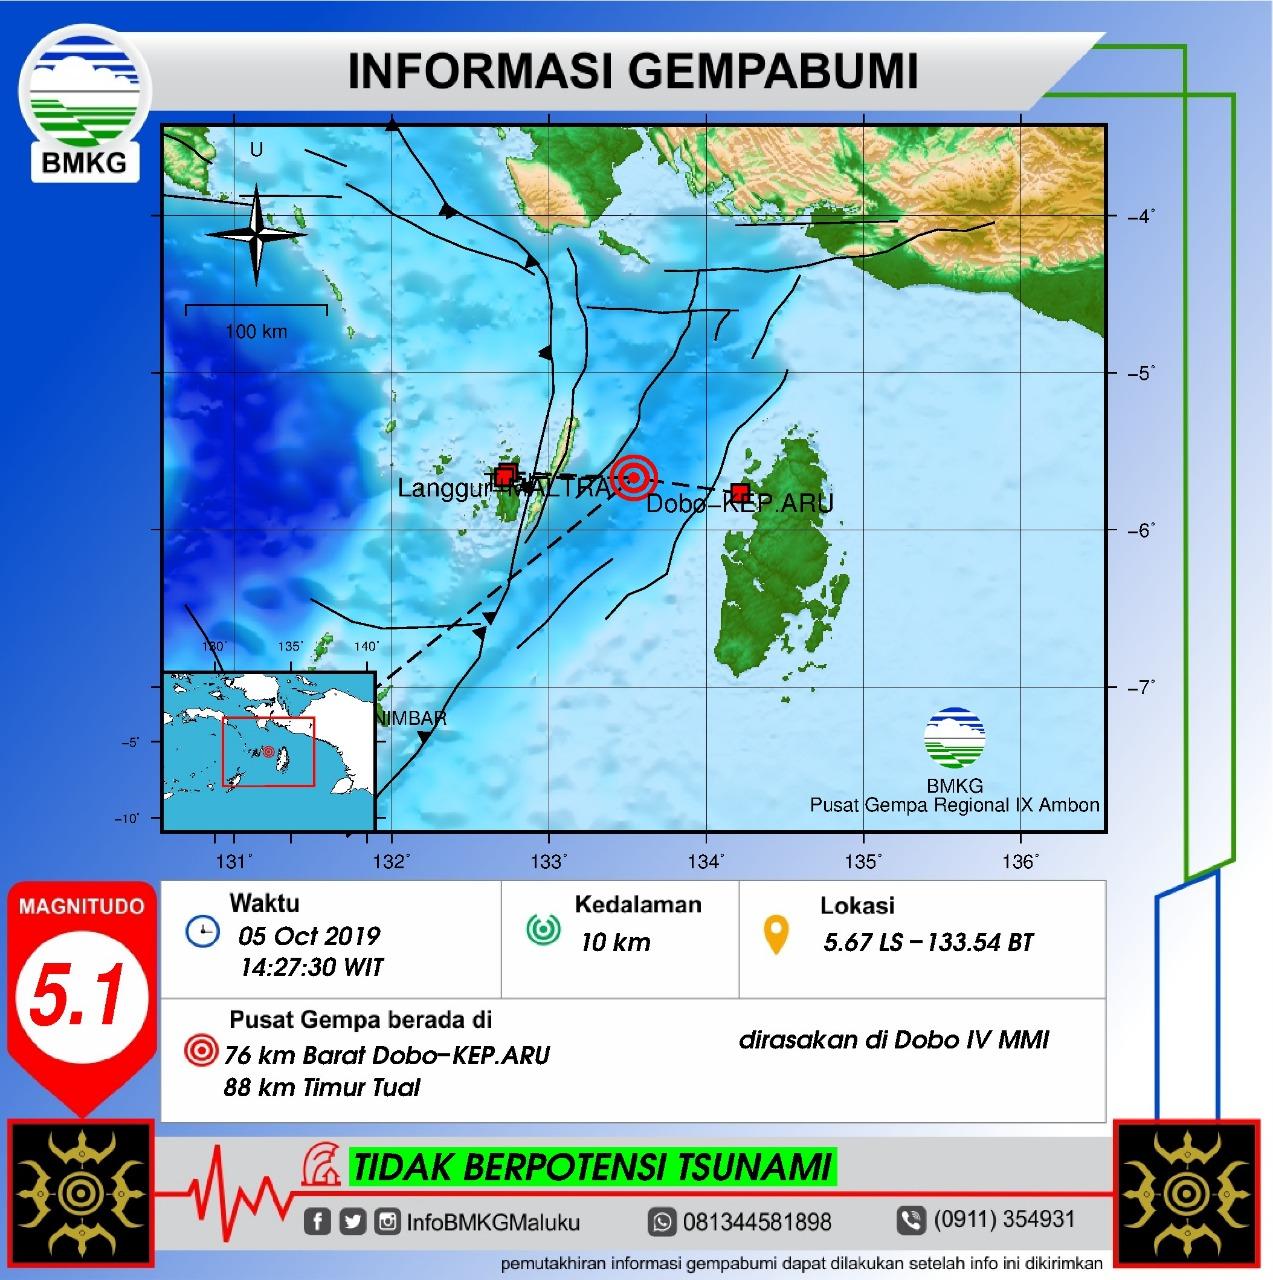 Gempa Bumi Tektonik M 5,1 Guncang Kepulauan Aru